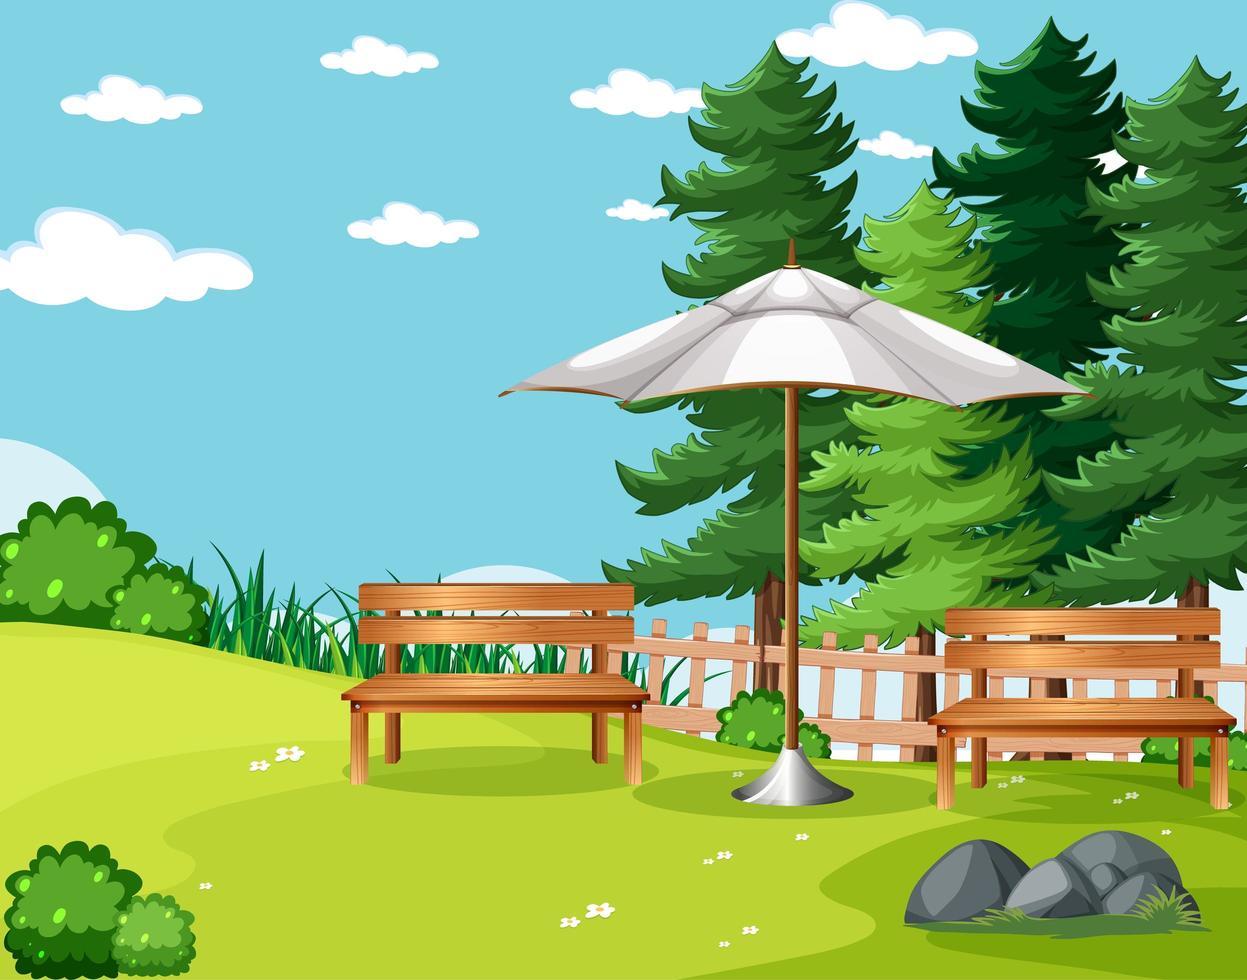 natur park picknick tom scen vektor